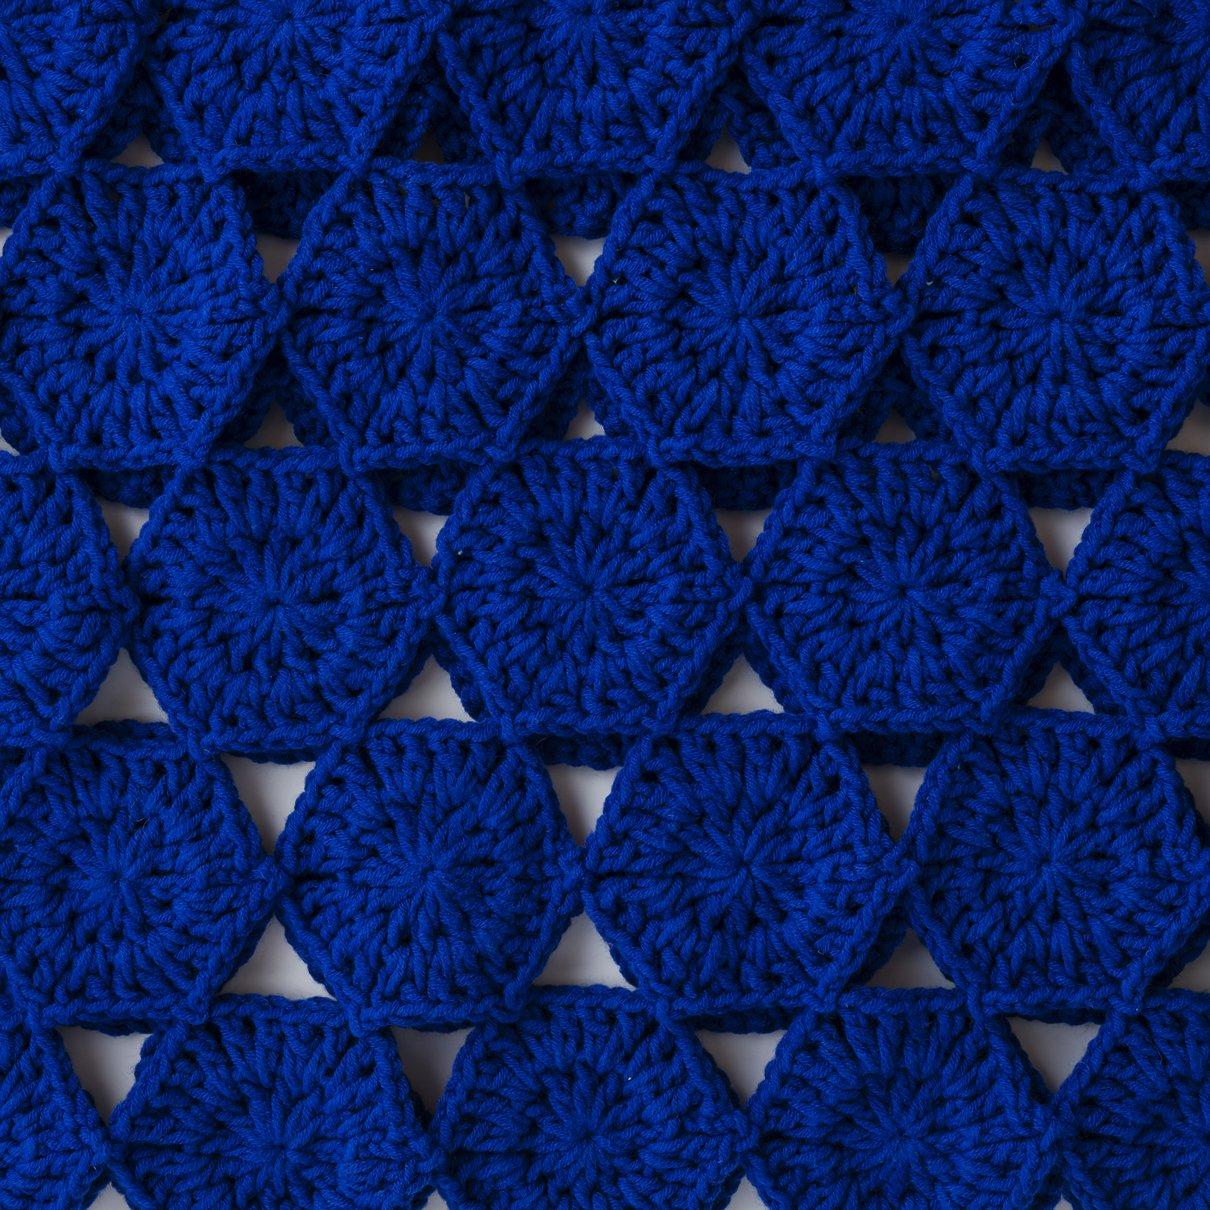 六角形モチーフのプルオーバー